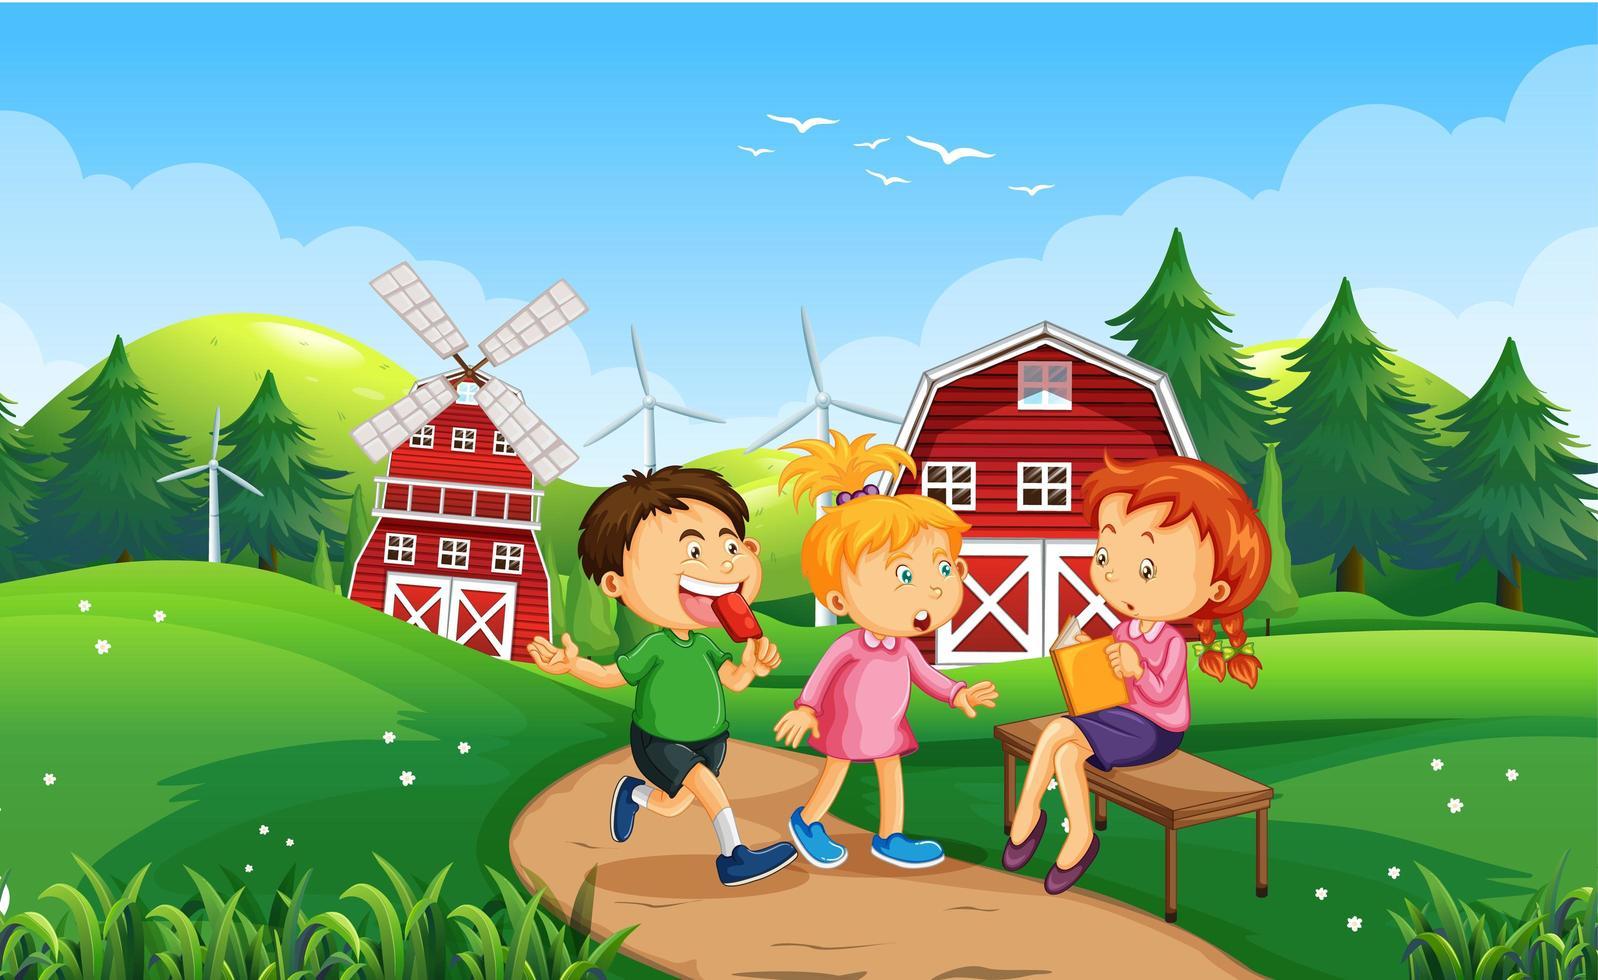 Kinder an unserer Tür Natur Hintergrund vektor